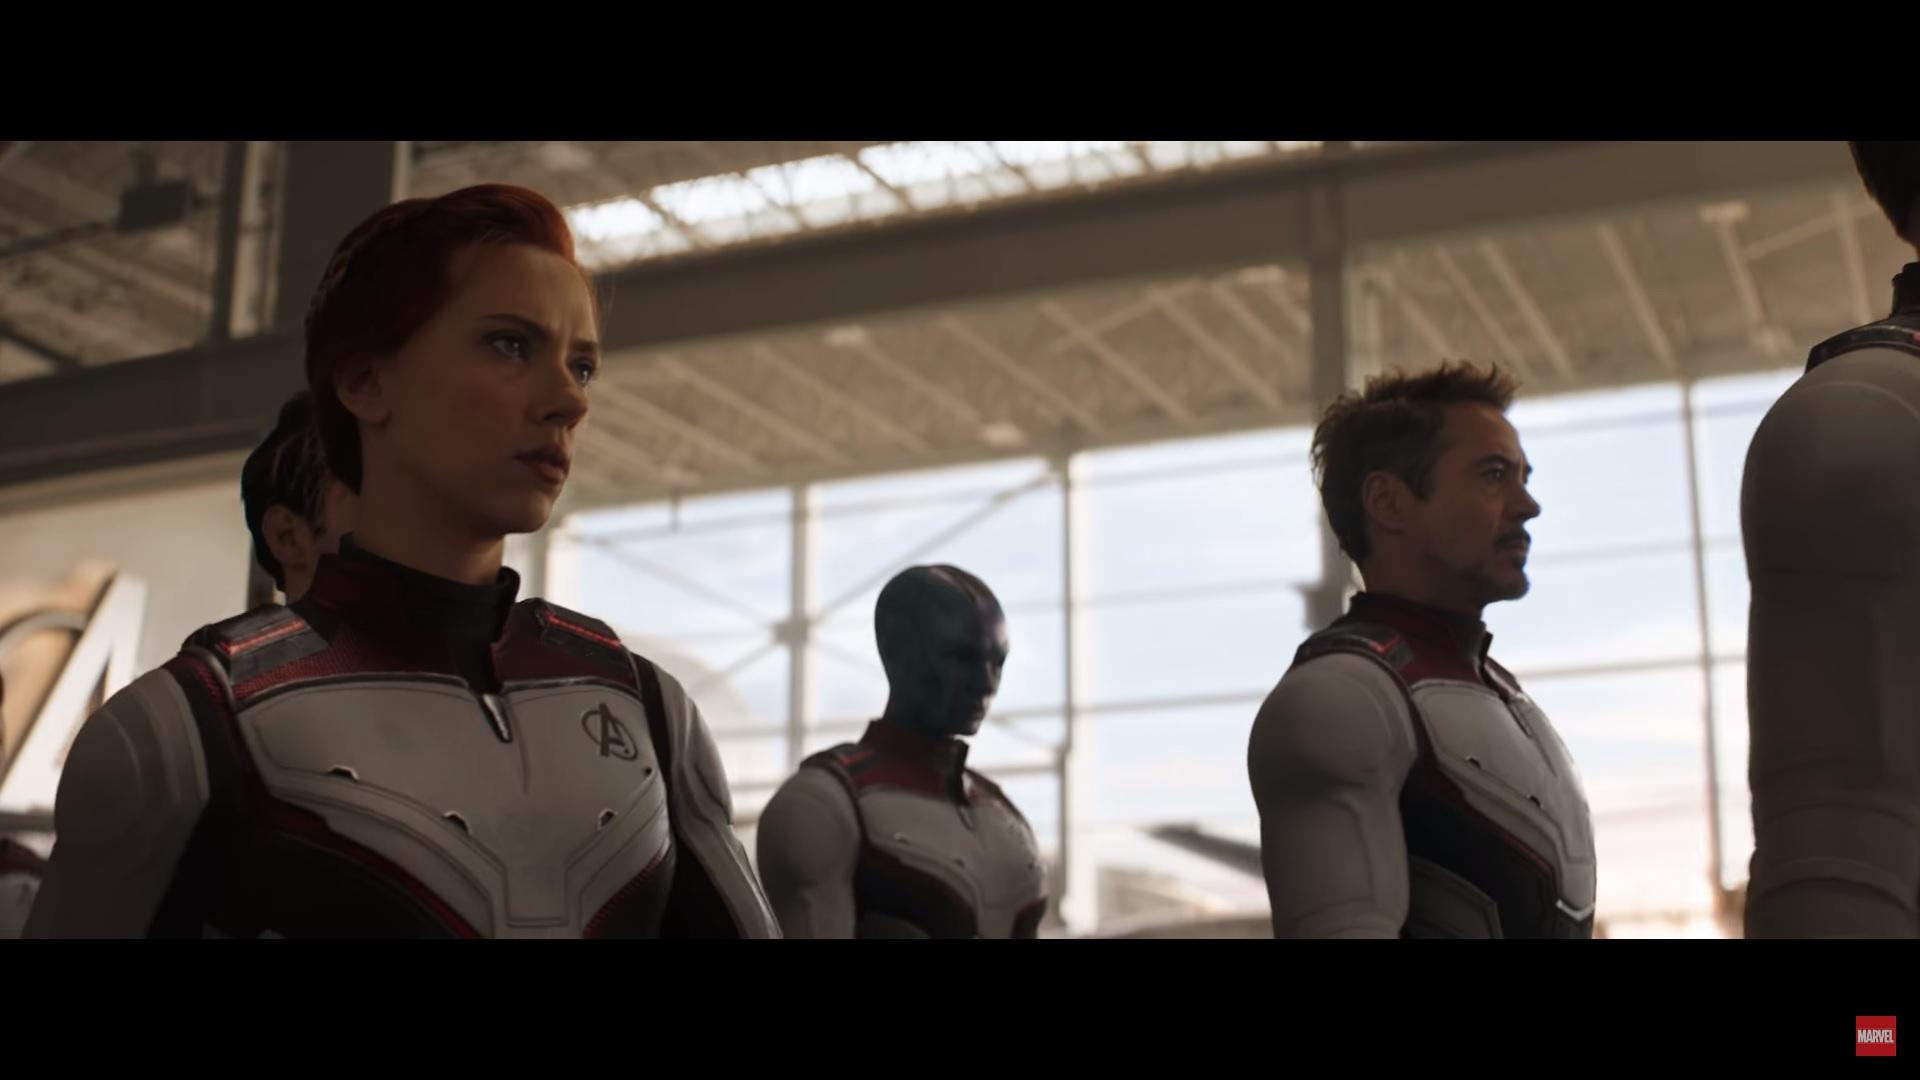 Iron Man in the trailer for Avengers: Endgame